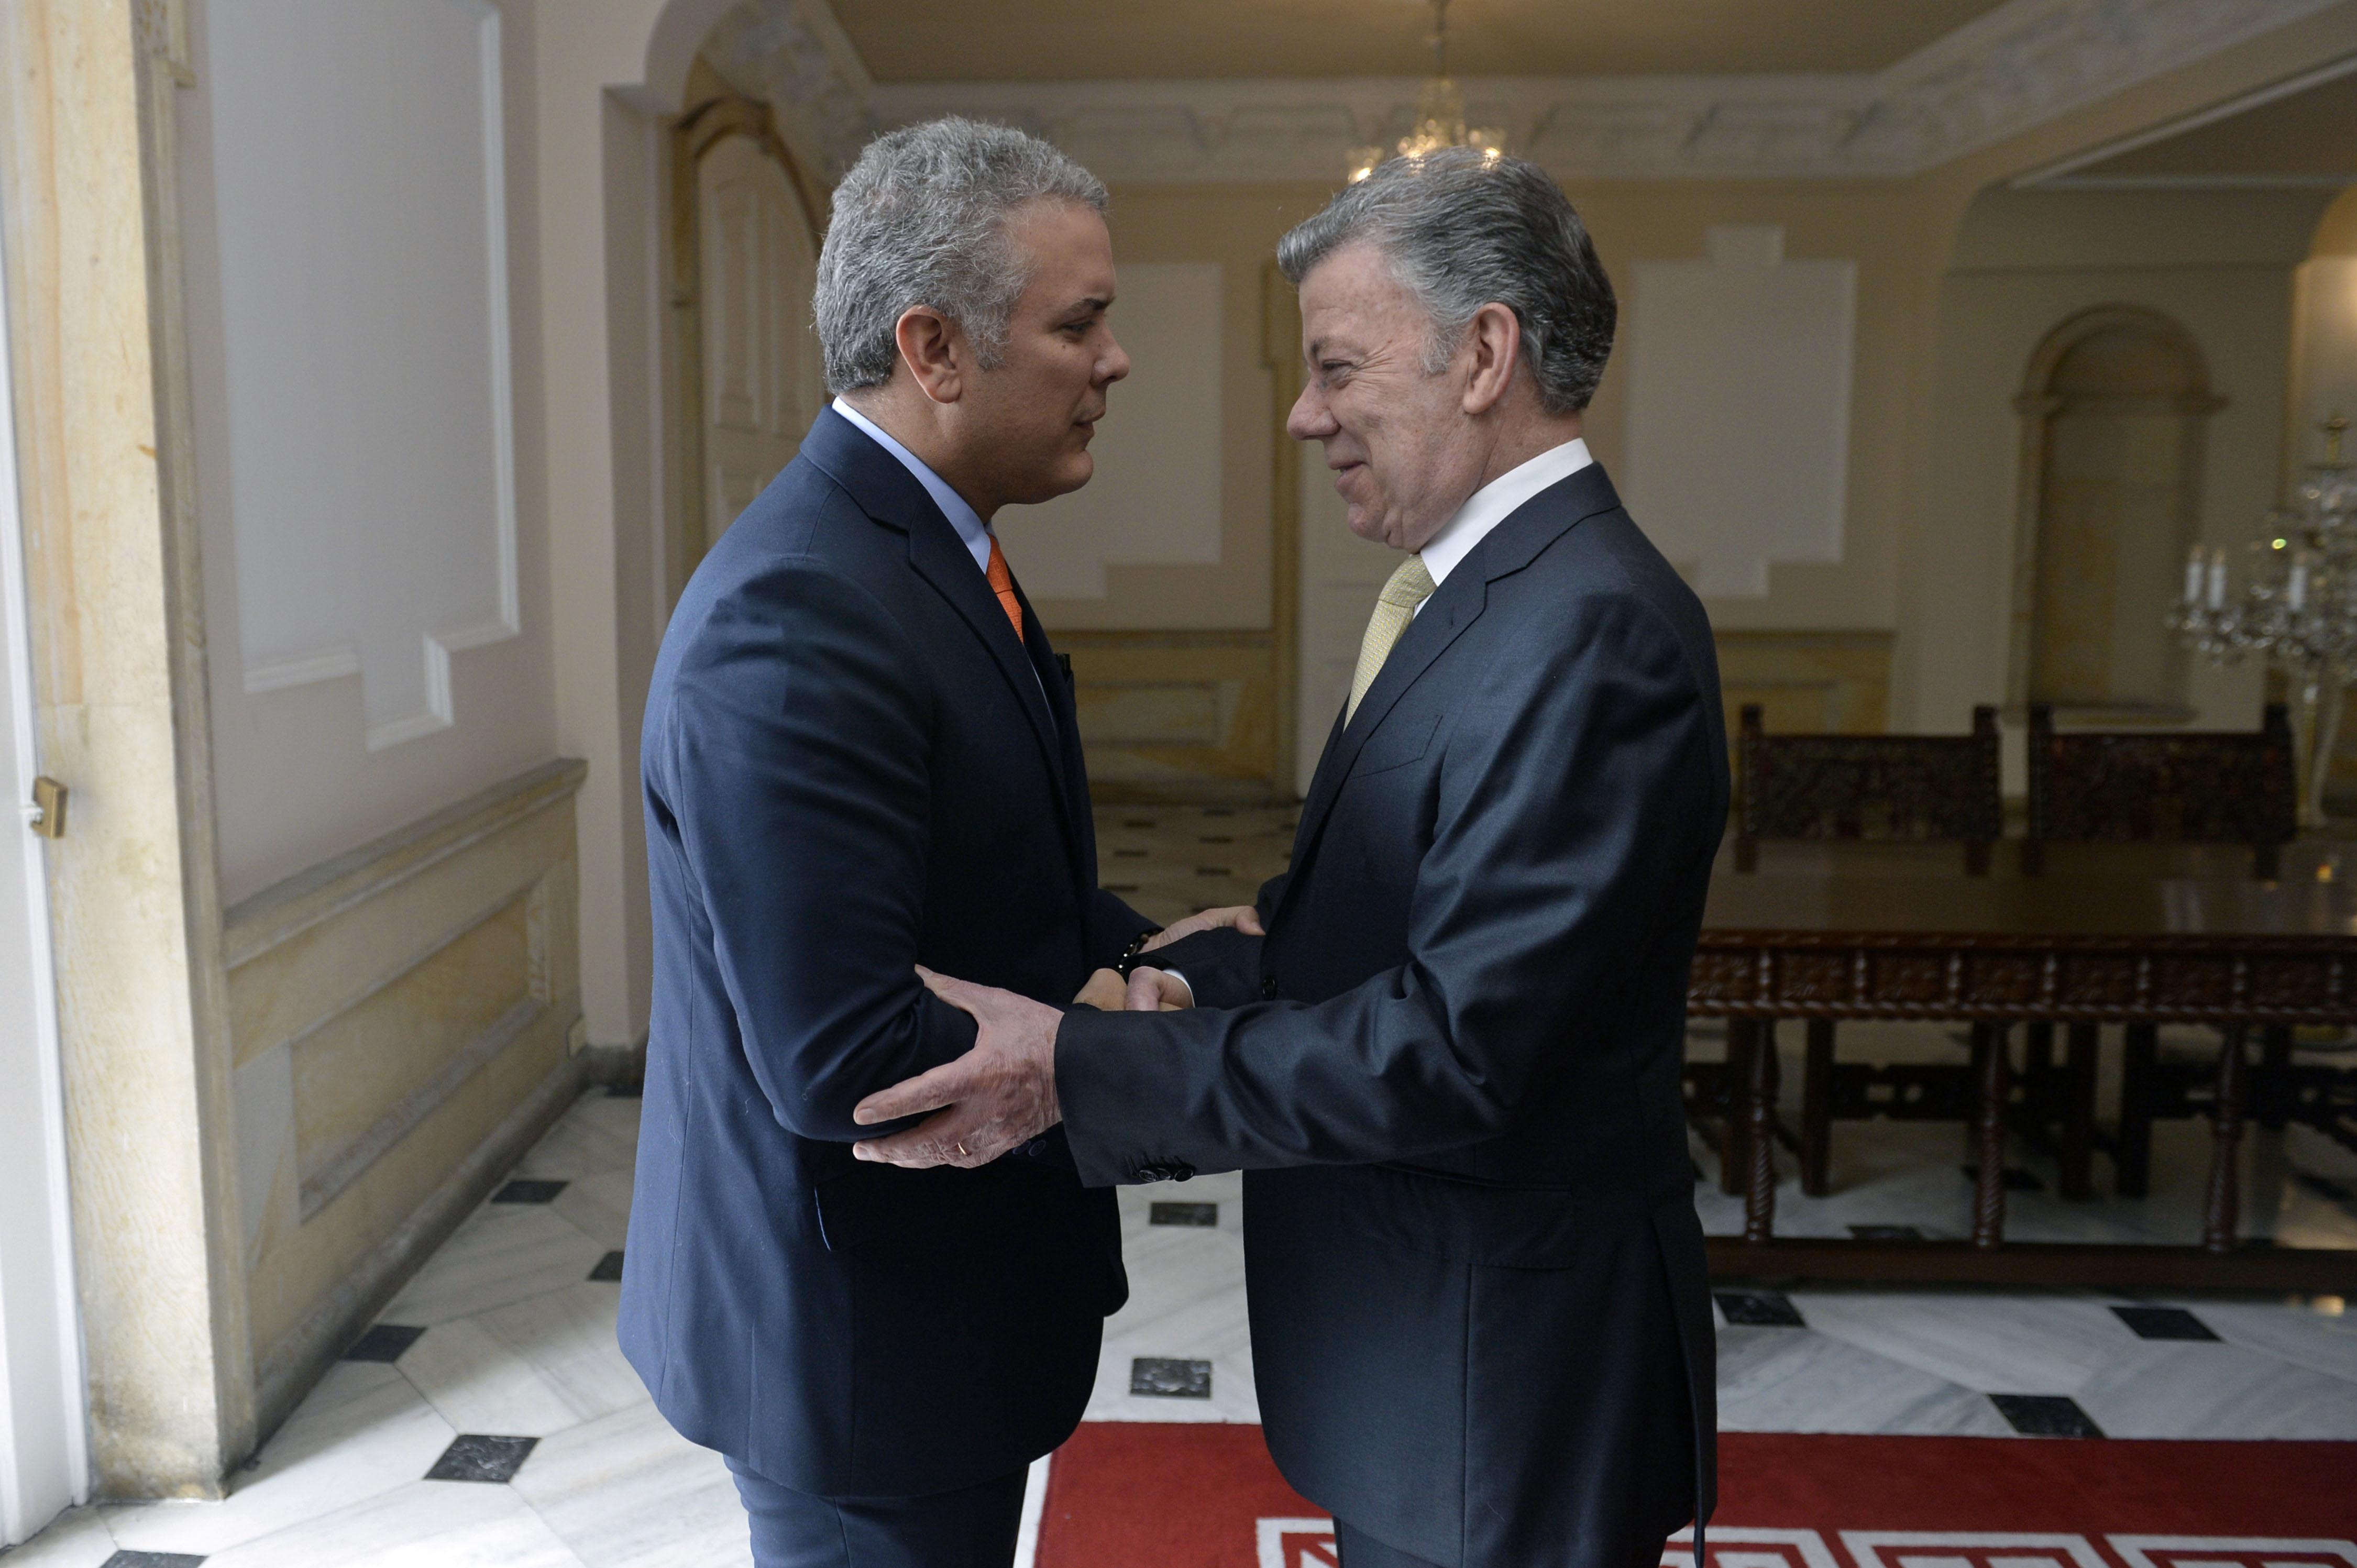 Presidencia Colombiana | Juan David Tena | Agence France-Presse